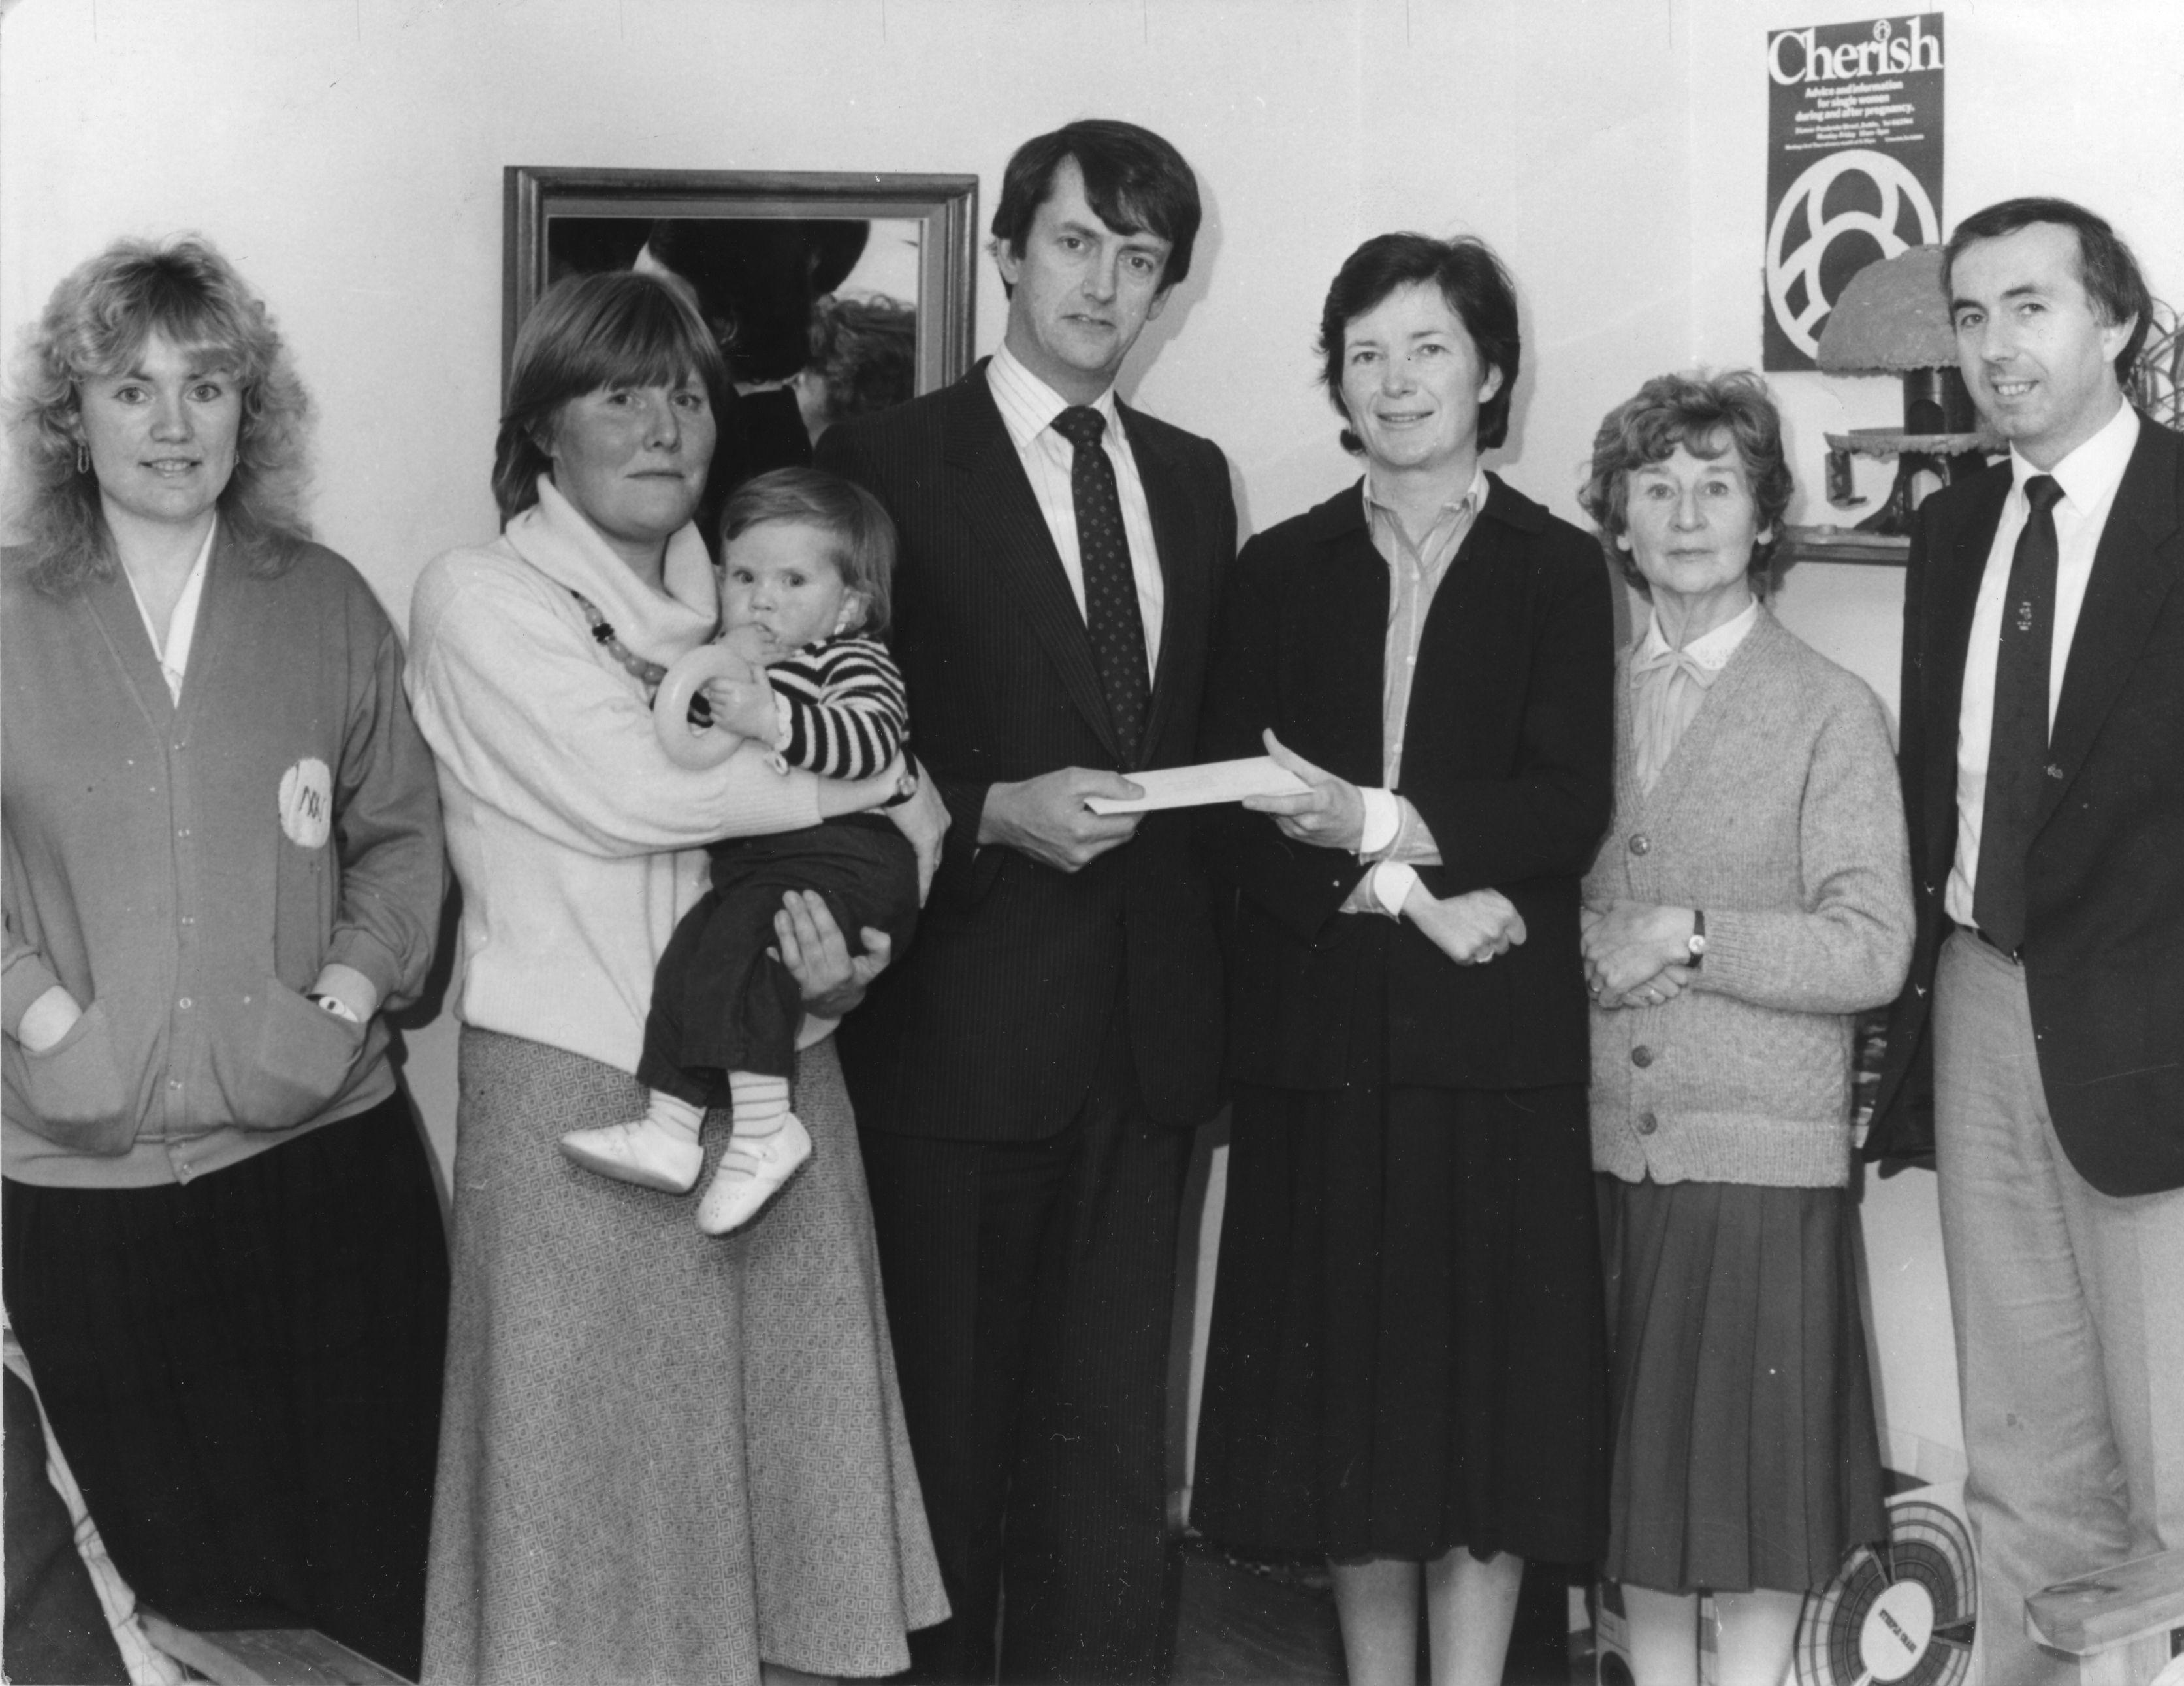 Mary Robinson & Cherish 1970s